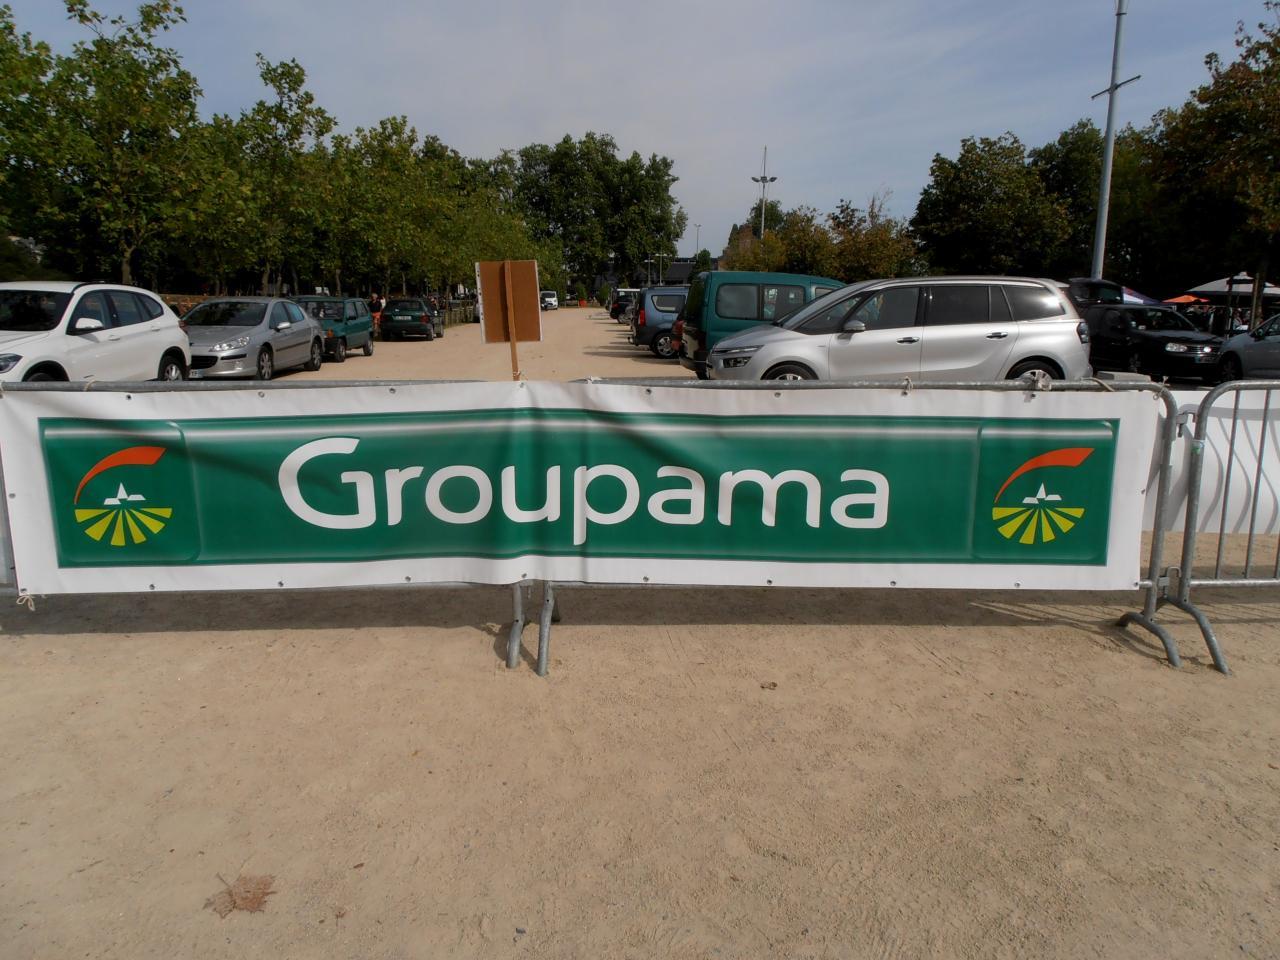 La Banderole Groupama